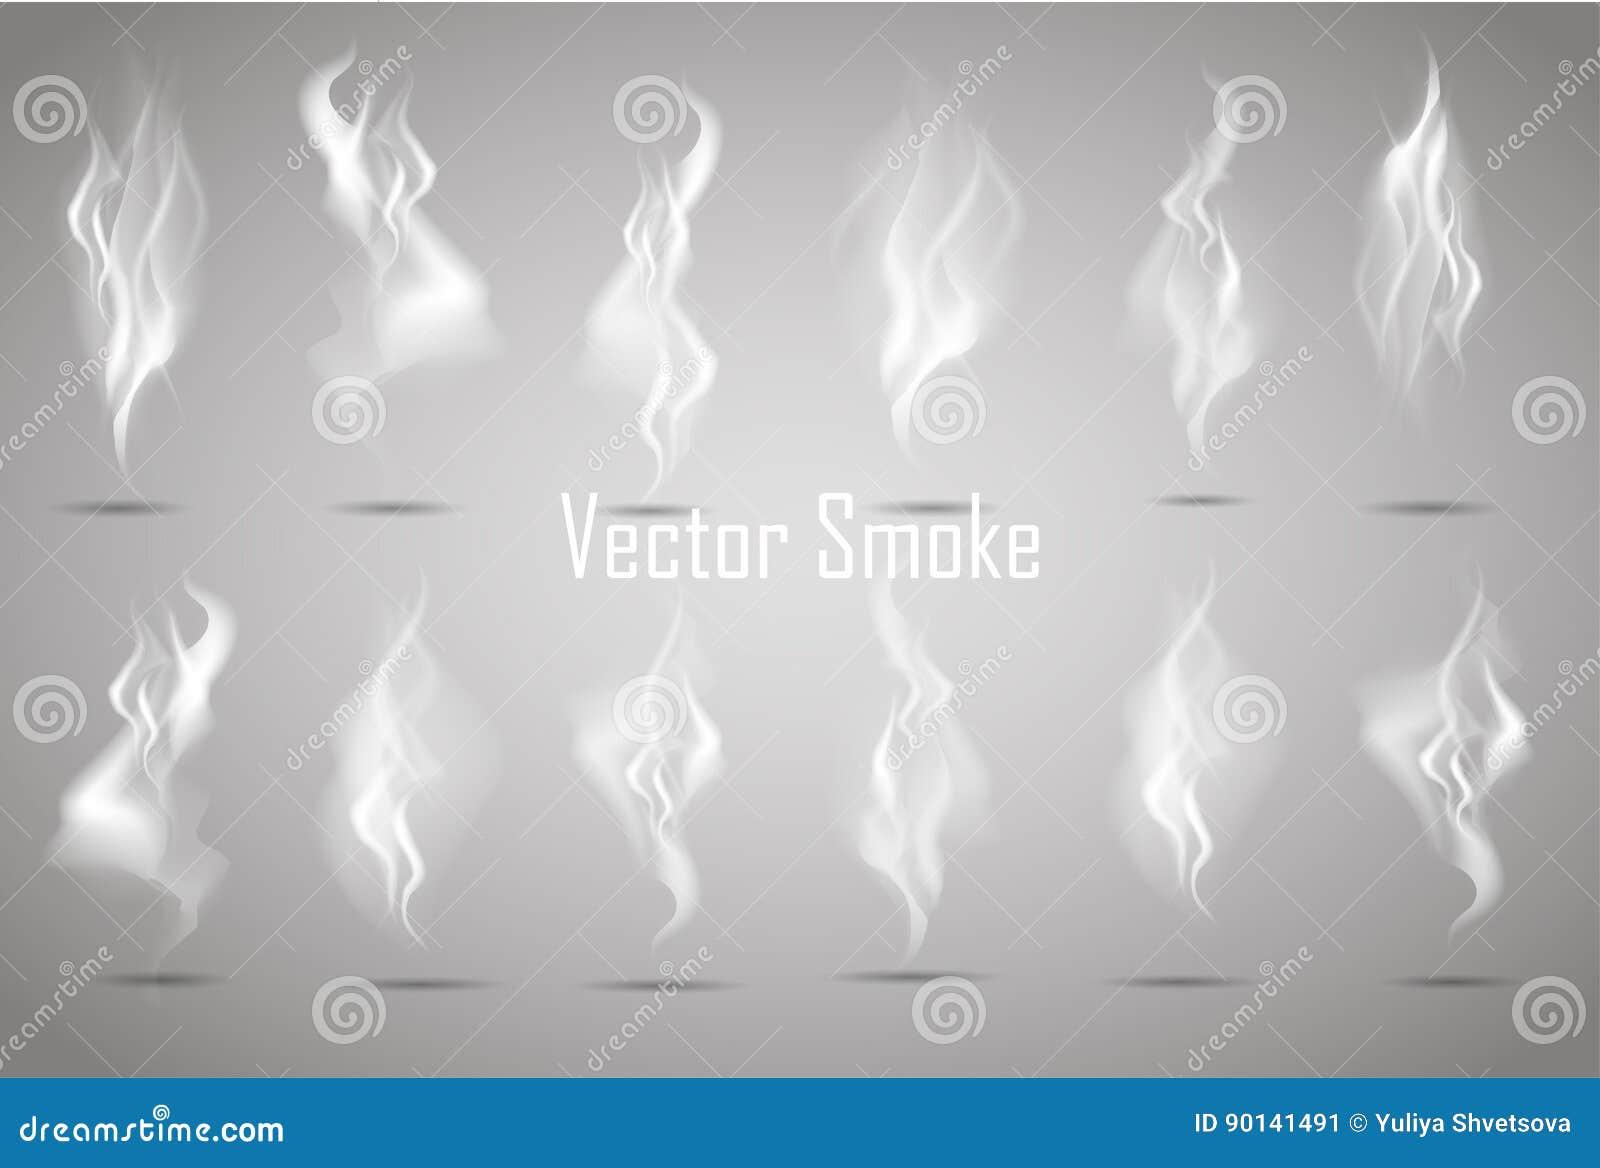 Gesetzter empfindlicher weißer Zigarettenrauch bewegt auf transparente Hintergrundvektorillustration wellenartig